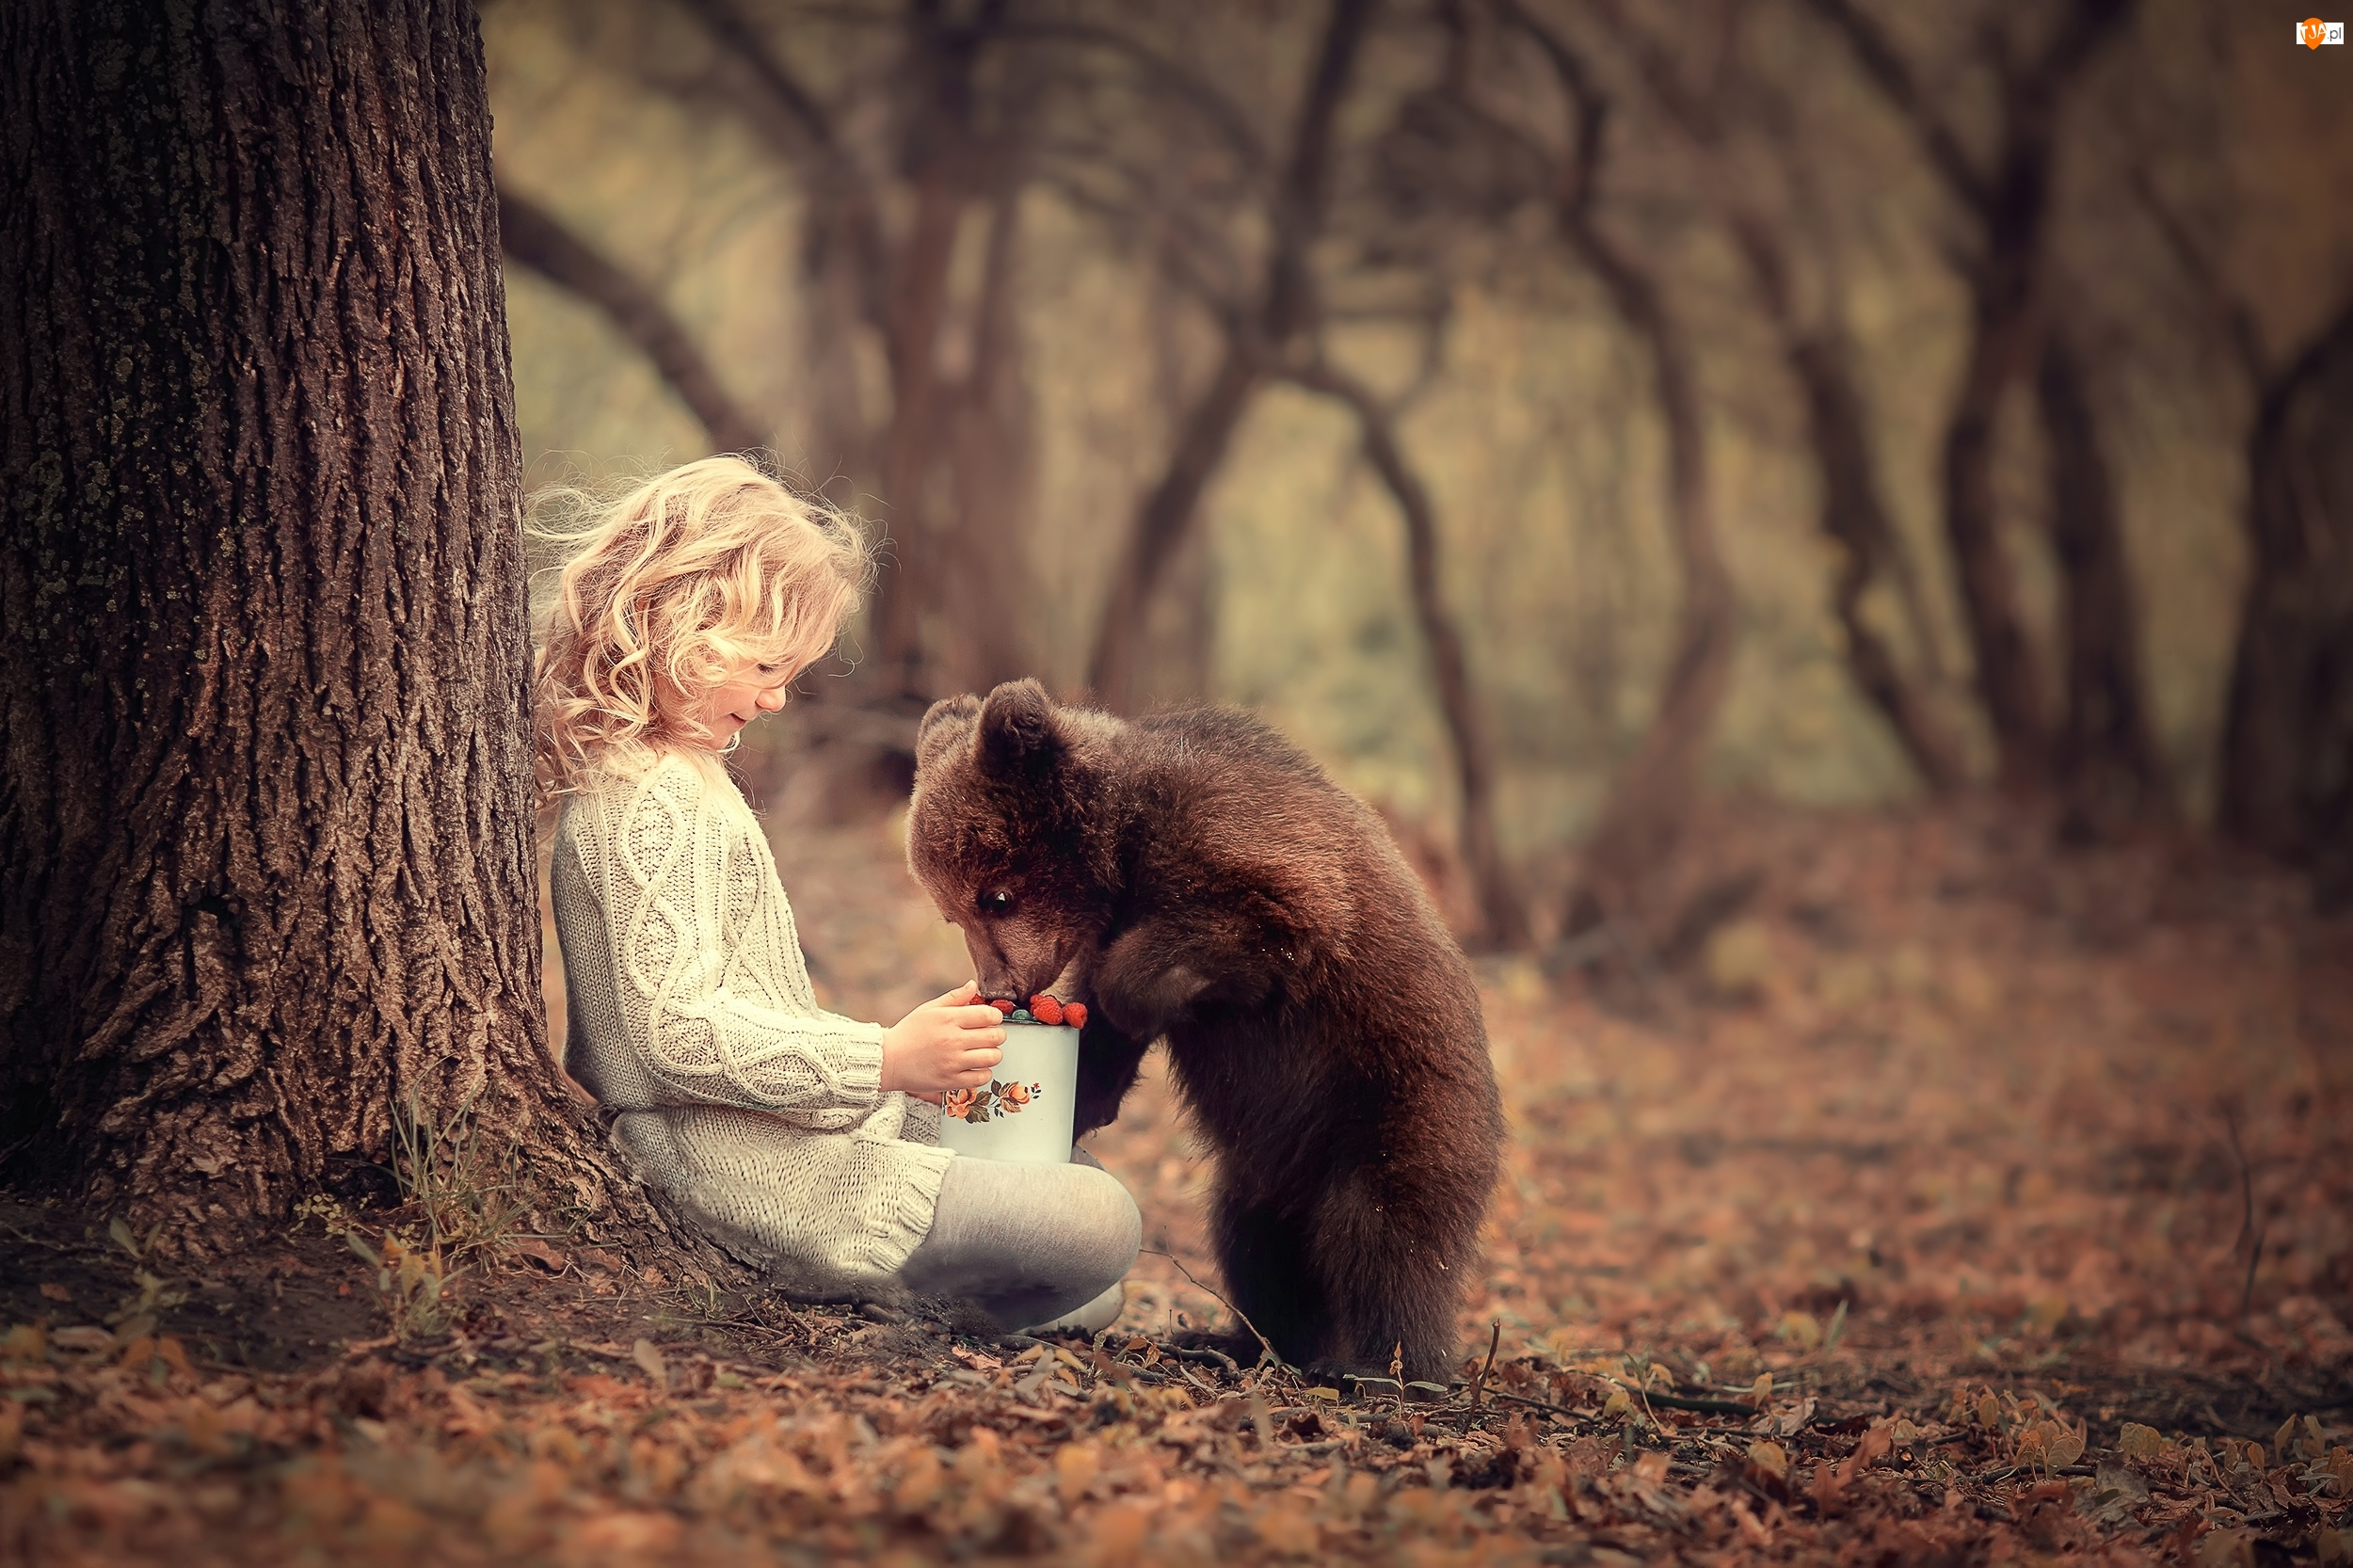 Dziewczynka, Owoce, Drzewo, Niedźwiadek, Las, Garnuszek